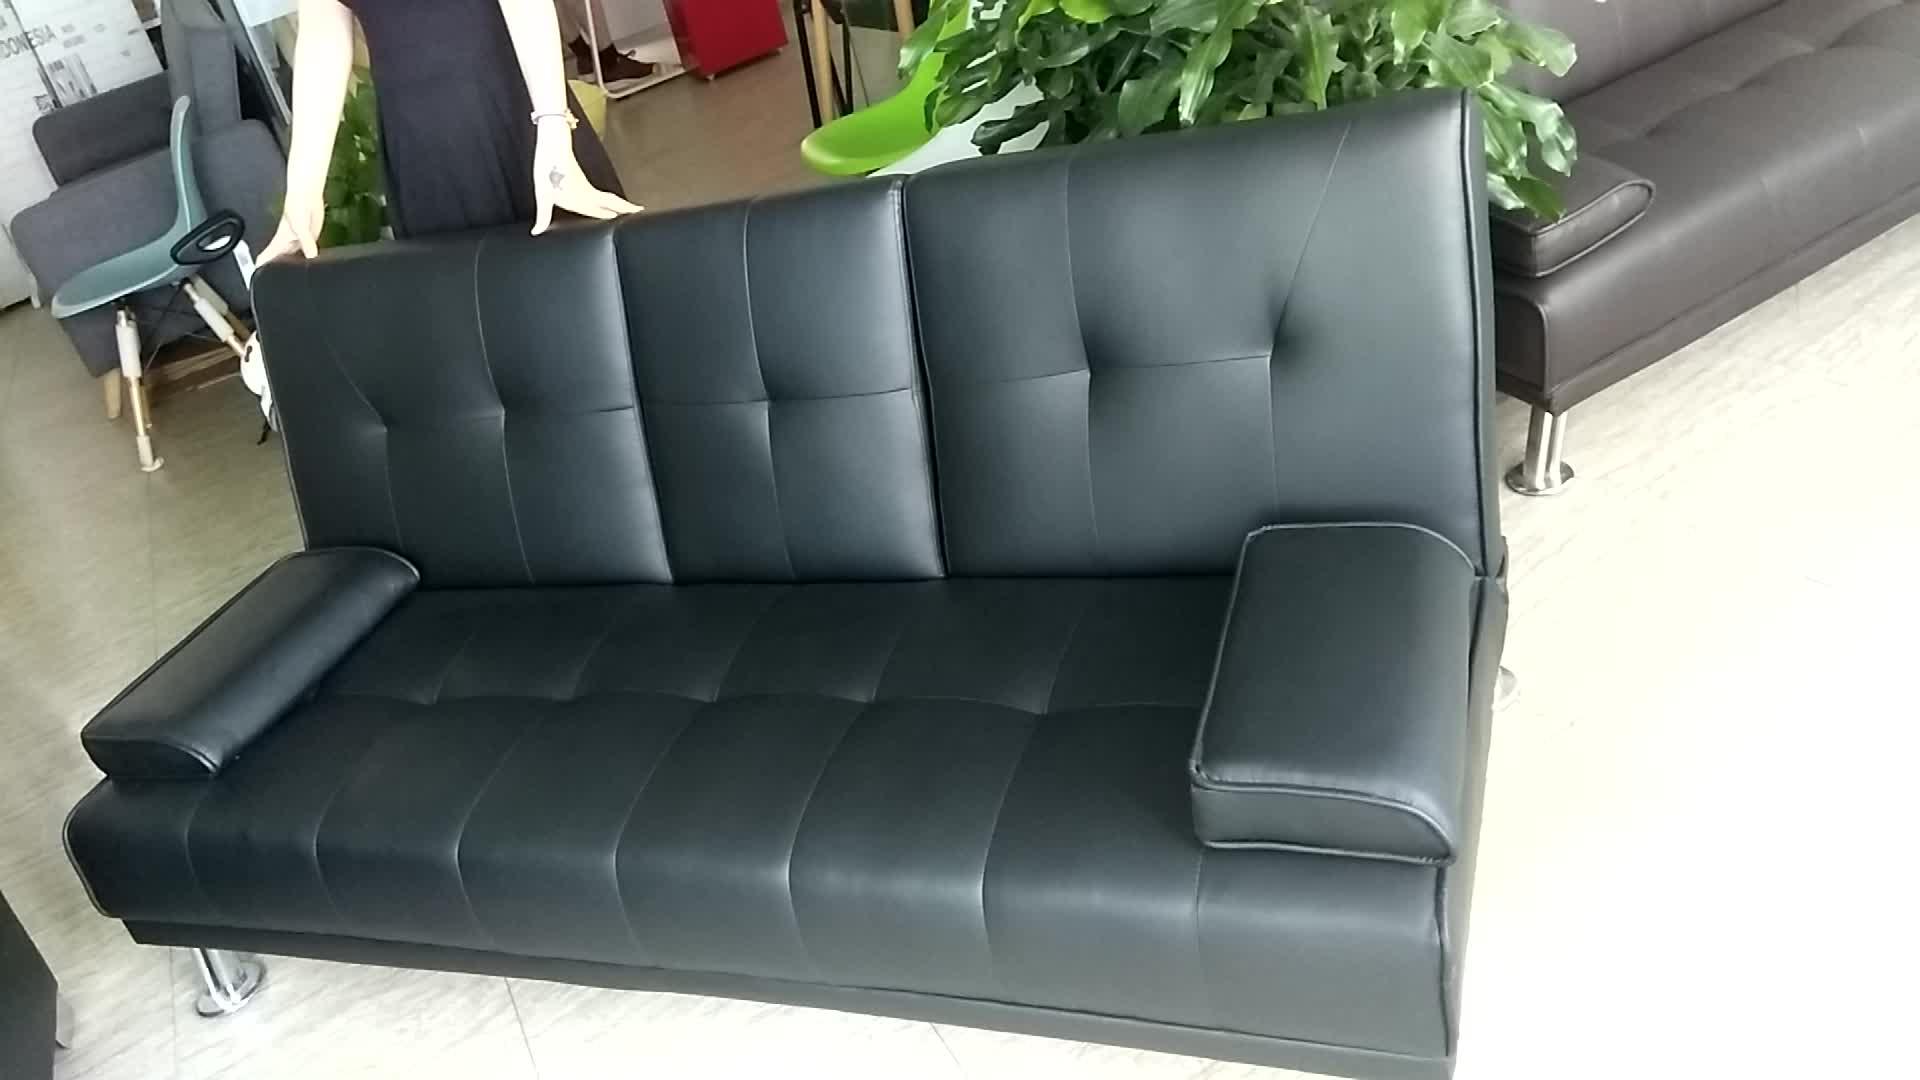 2017 neue mode ss7098 sofa bett mit wasser halter beste f r verkauf philippinen klapp faul sofa. Black Bedroom Furniture Sets. Home Design Ideas